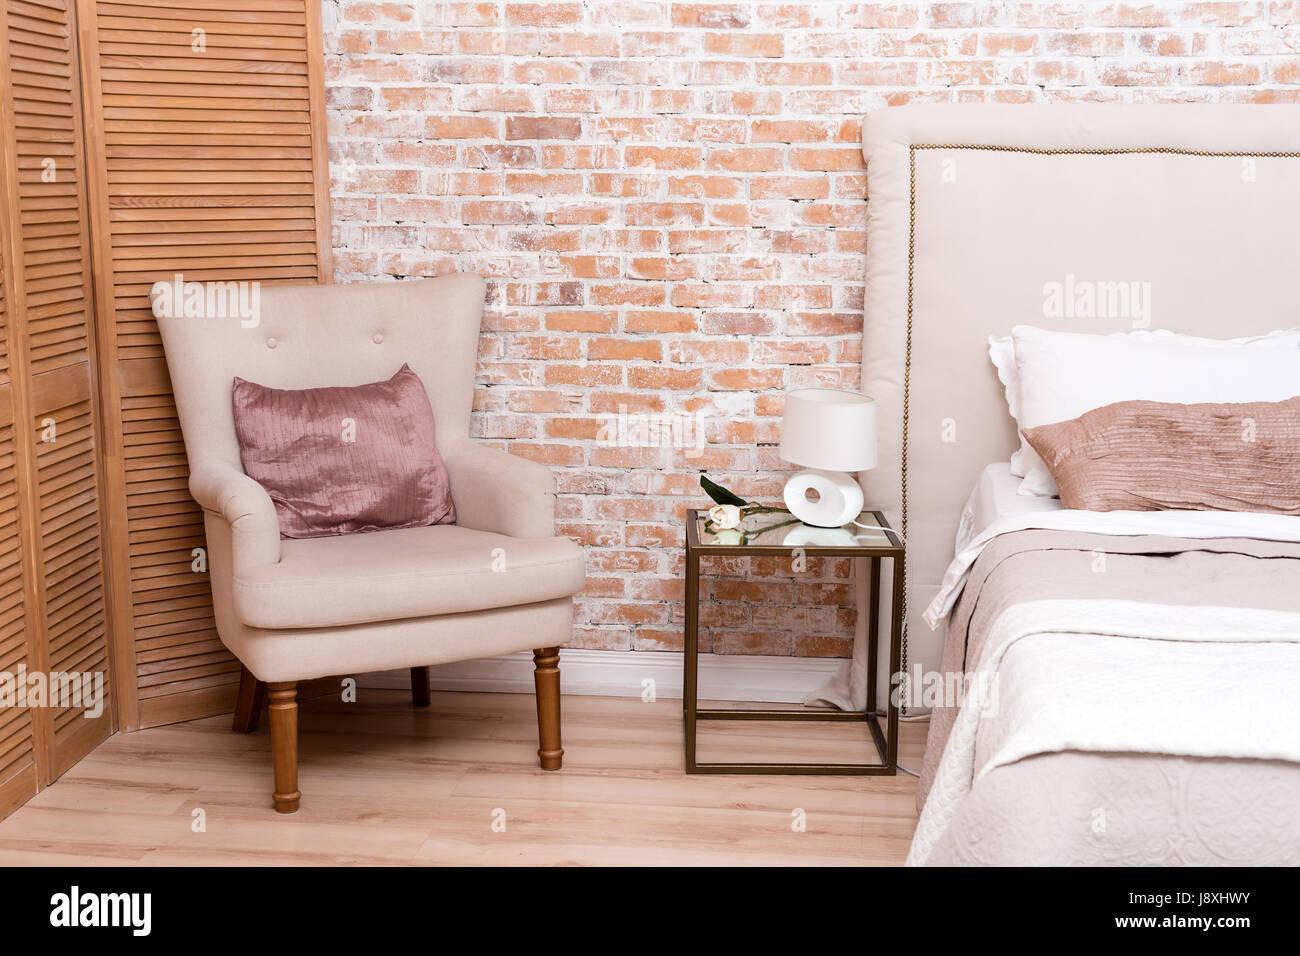 Belle chambre en mezzanine avec lit double et fauteuil près de mur ...